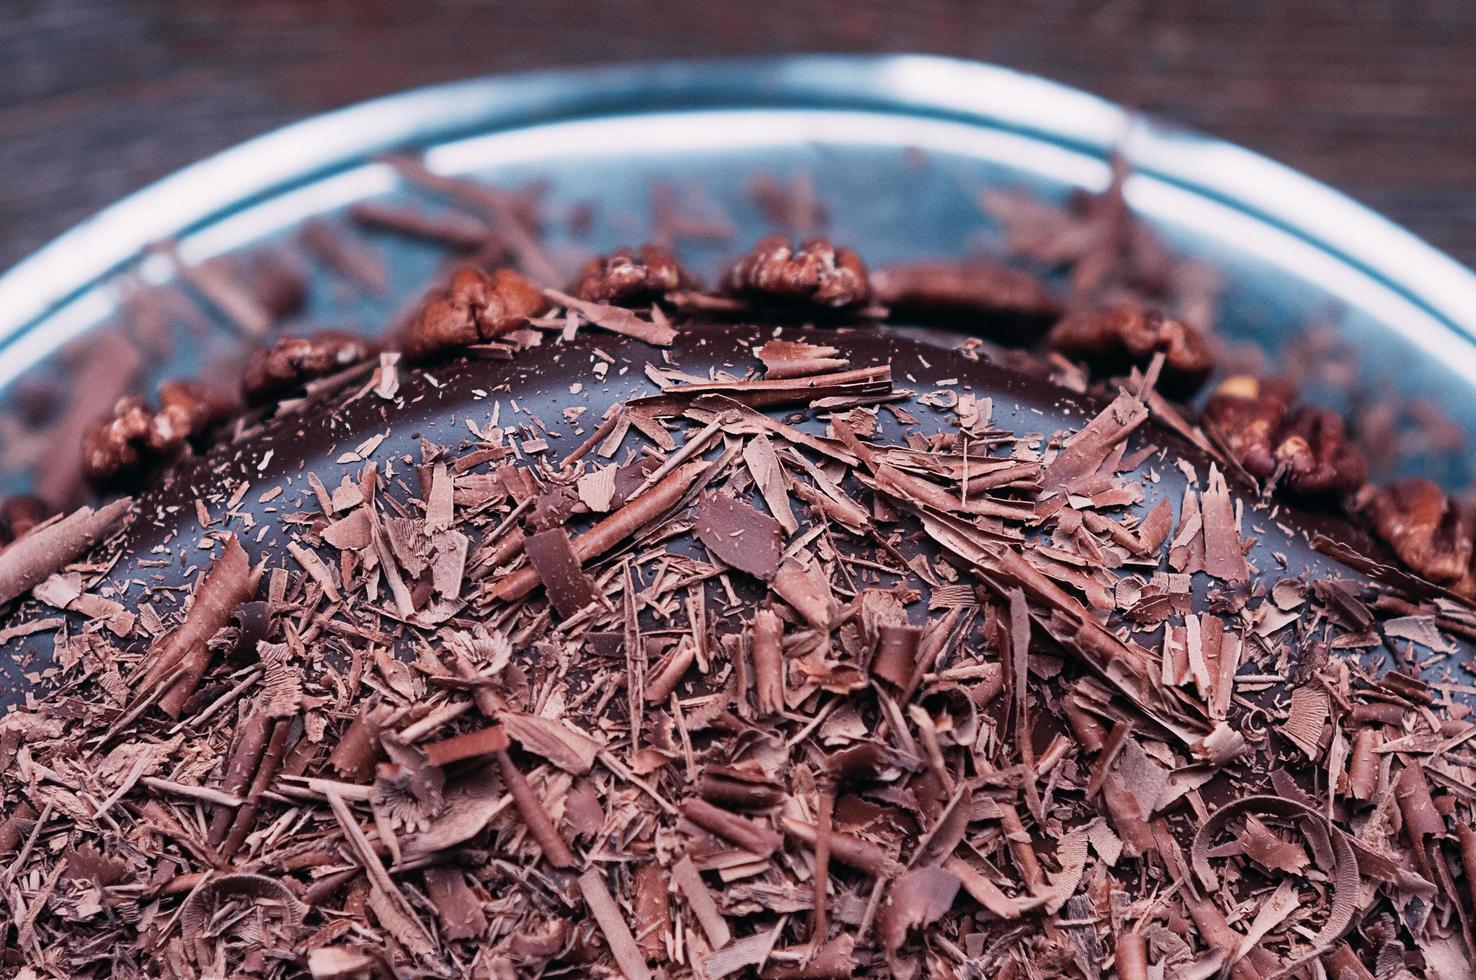 macroweergave van heerlijke donkere chocoladetaart met mooie suikerglazuur en pecannoten aan de zijkant op de bruine houten tafel. selectieve aandacht. luxe glazuur. afbeelding voor menu- of zoetwarencatalogus foto